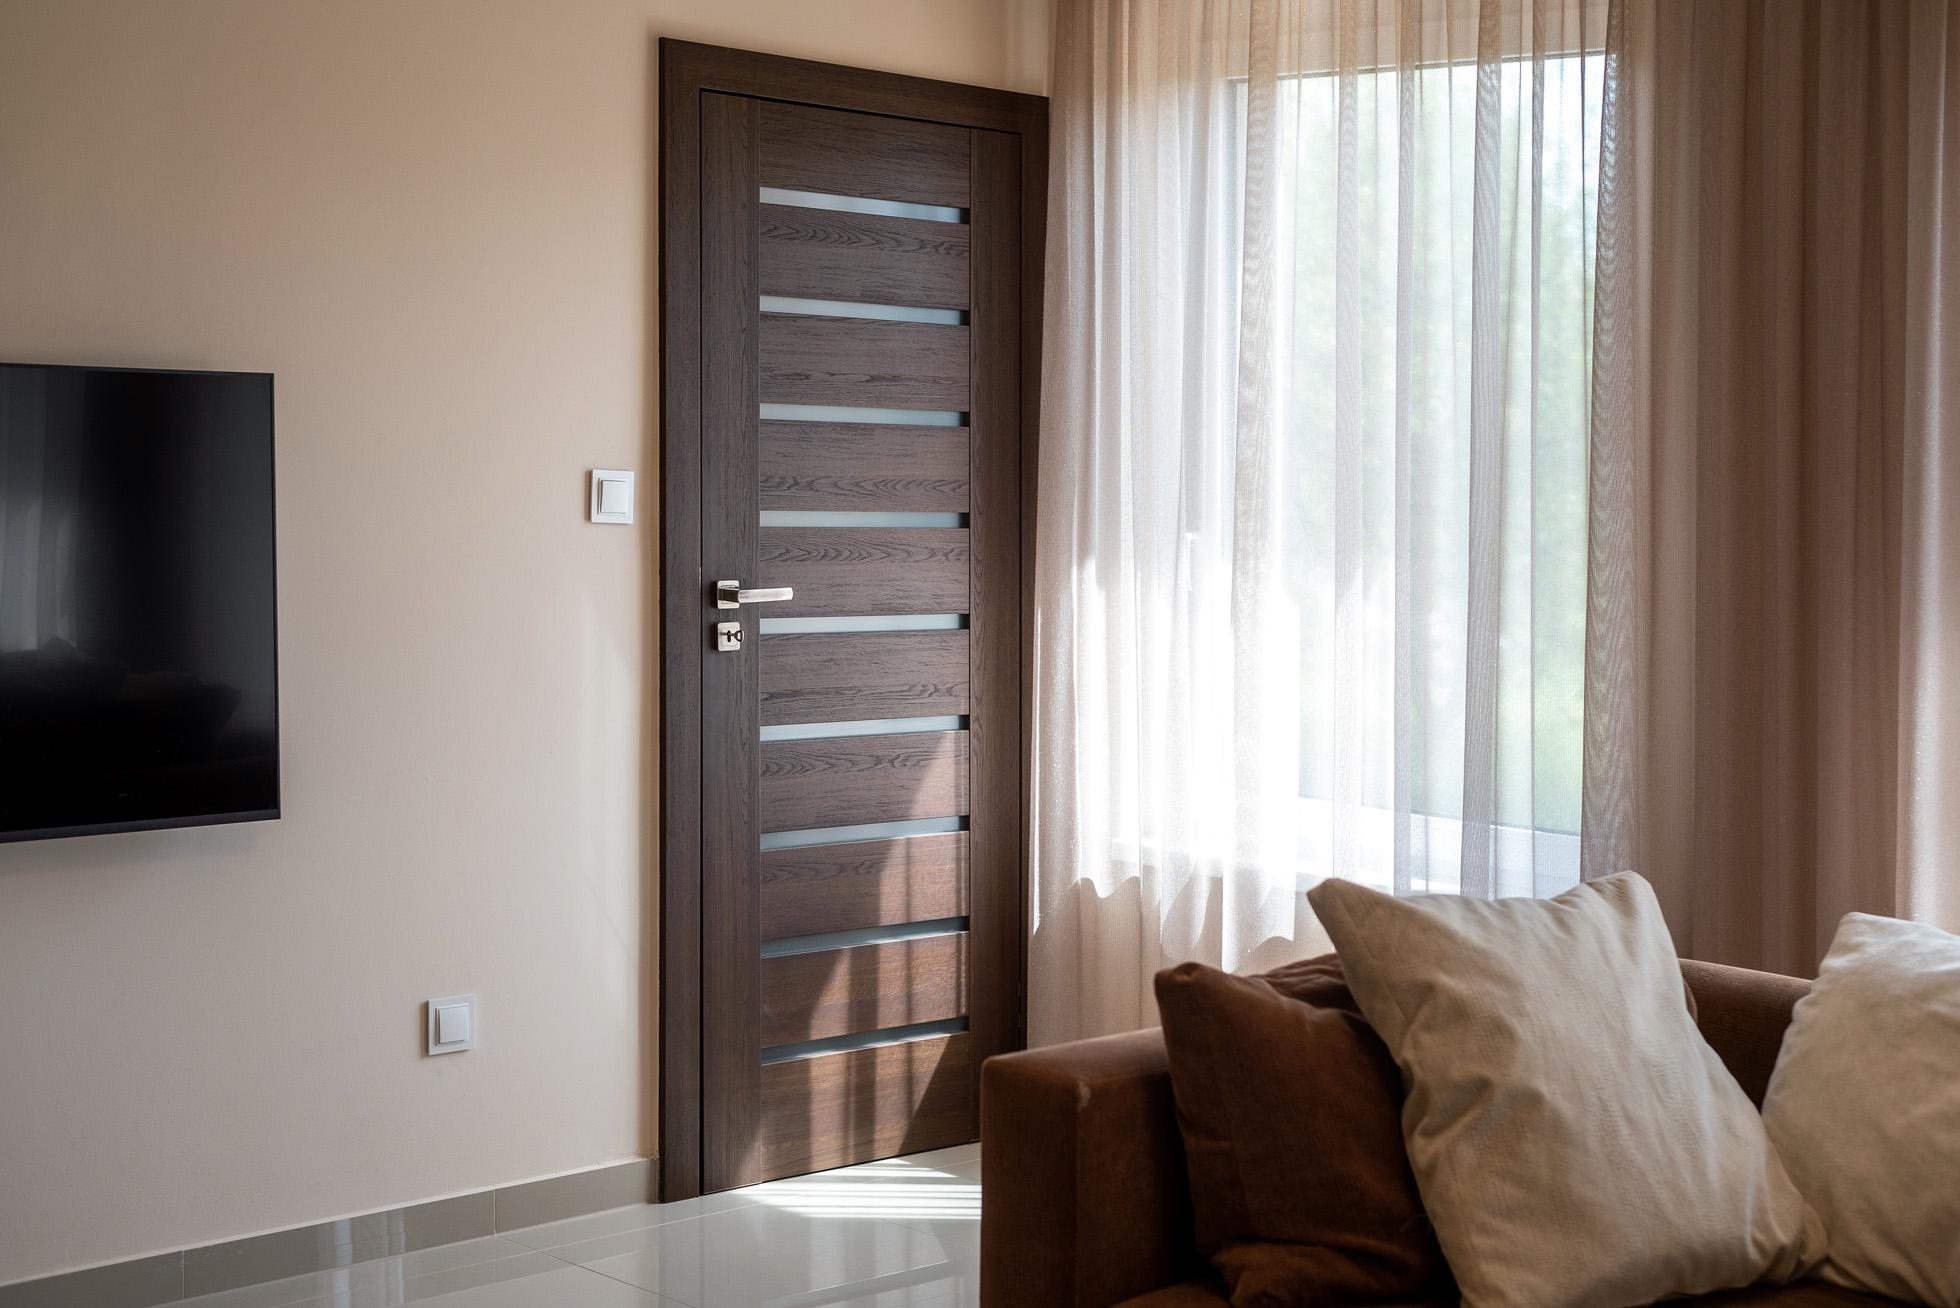 kényelmes otthon, szoba ajtó, beltéri ajtó